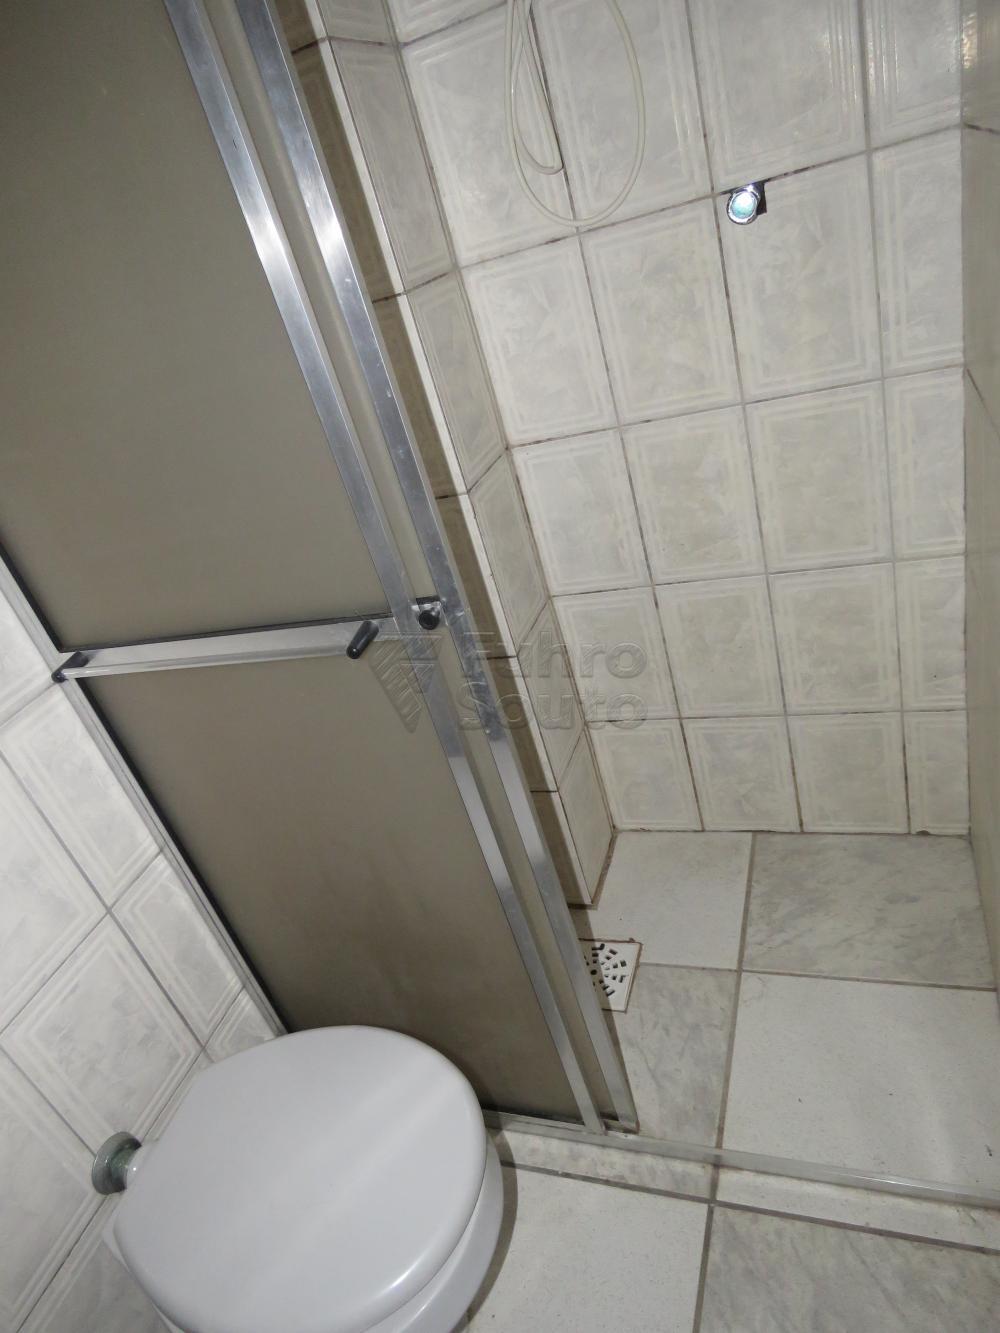 Alugar Apartamento / Fora de Condomínio em Pelotas R$ 800,00 - Foto 11